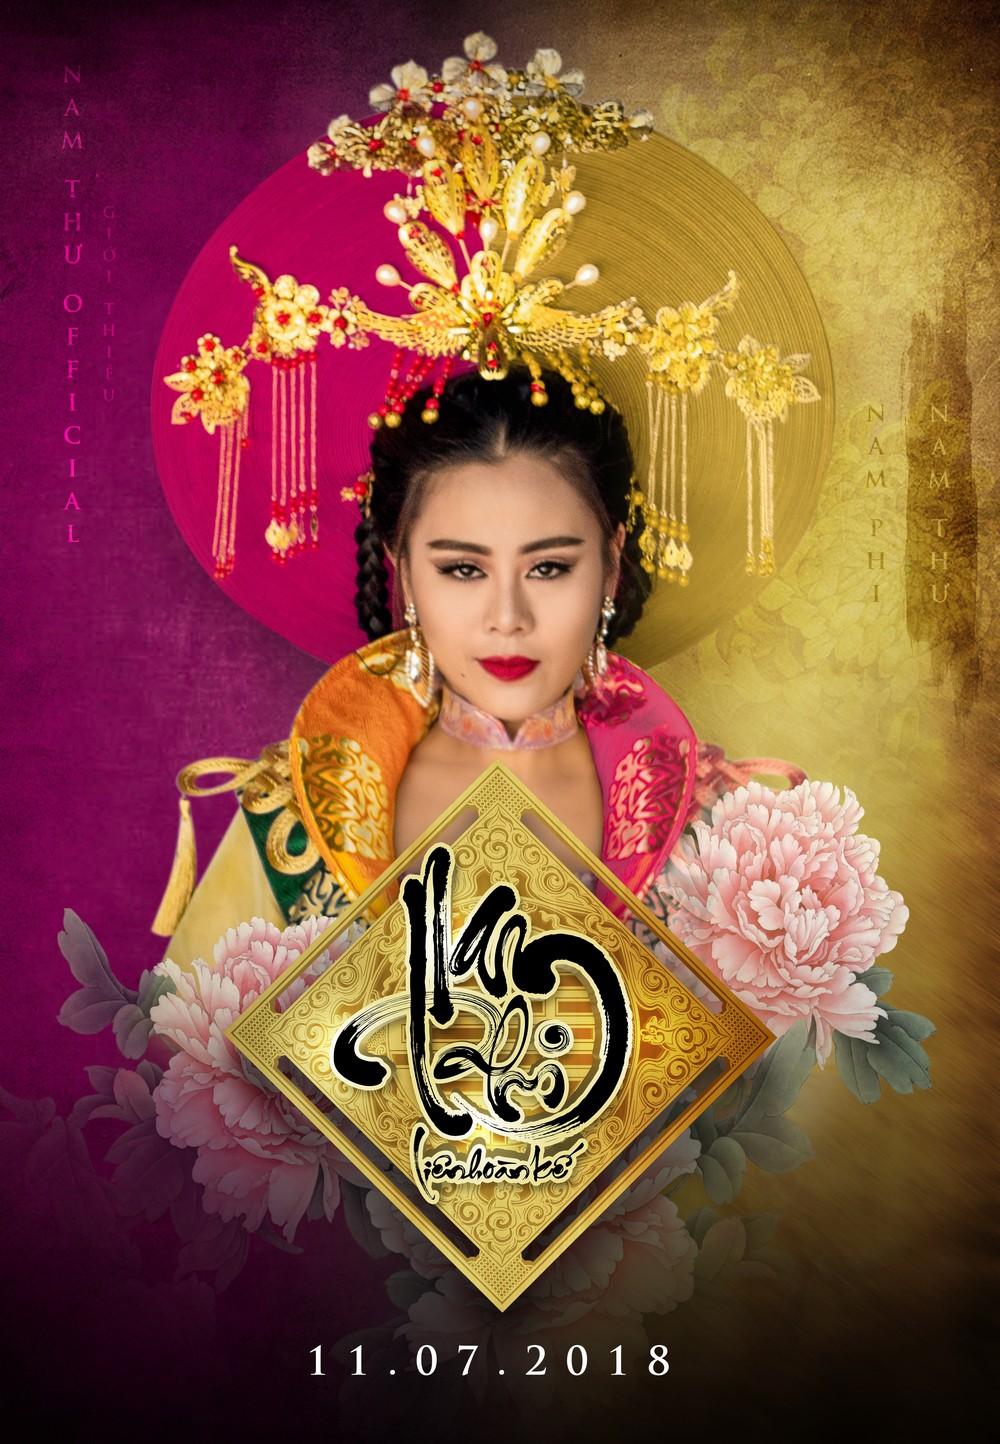 Sau Chị 13 của Thu Trang, lại đến lượt phim hậu cung của Nam Thư gây sốt  - Ảnh 2.